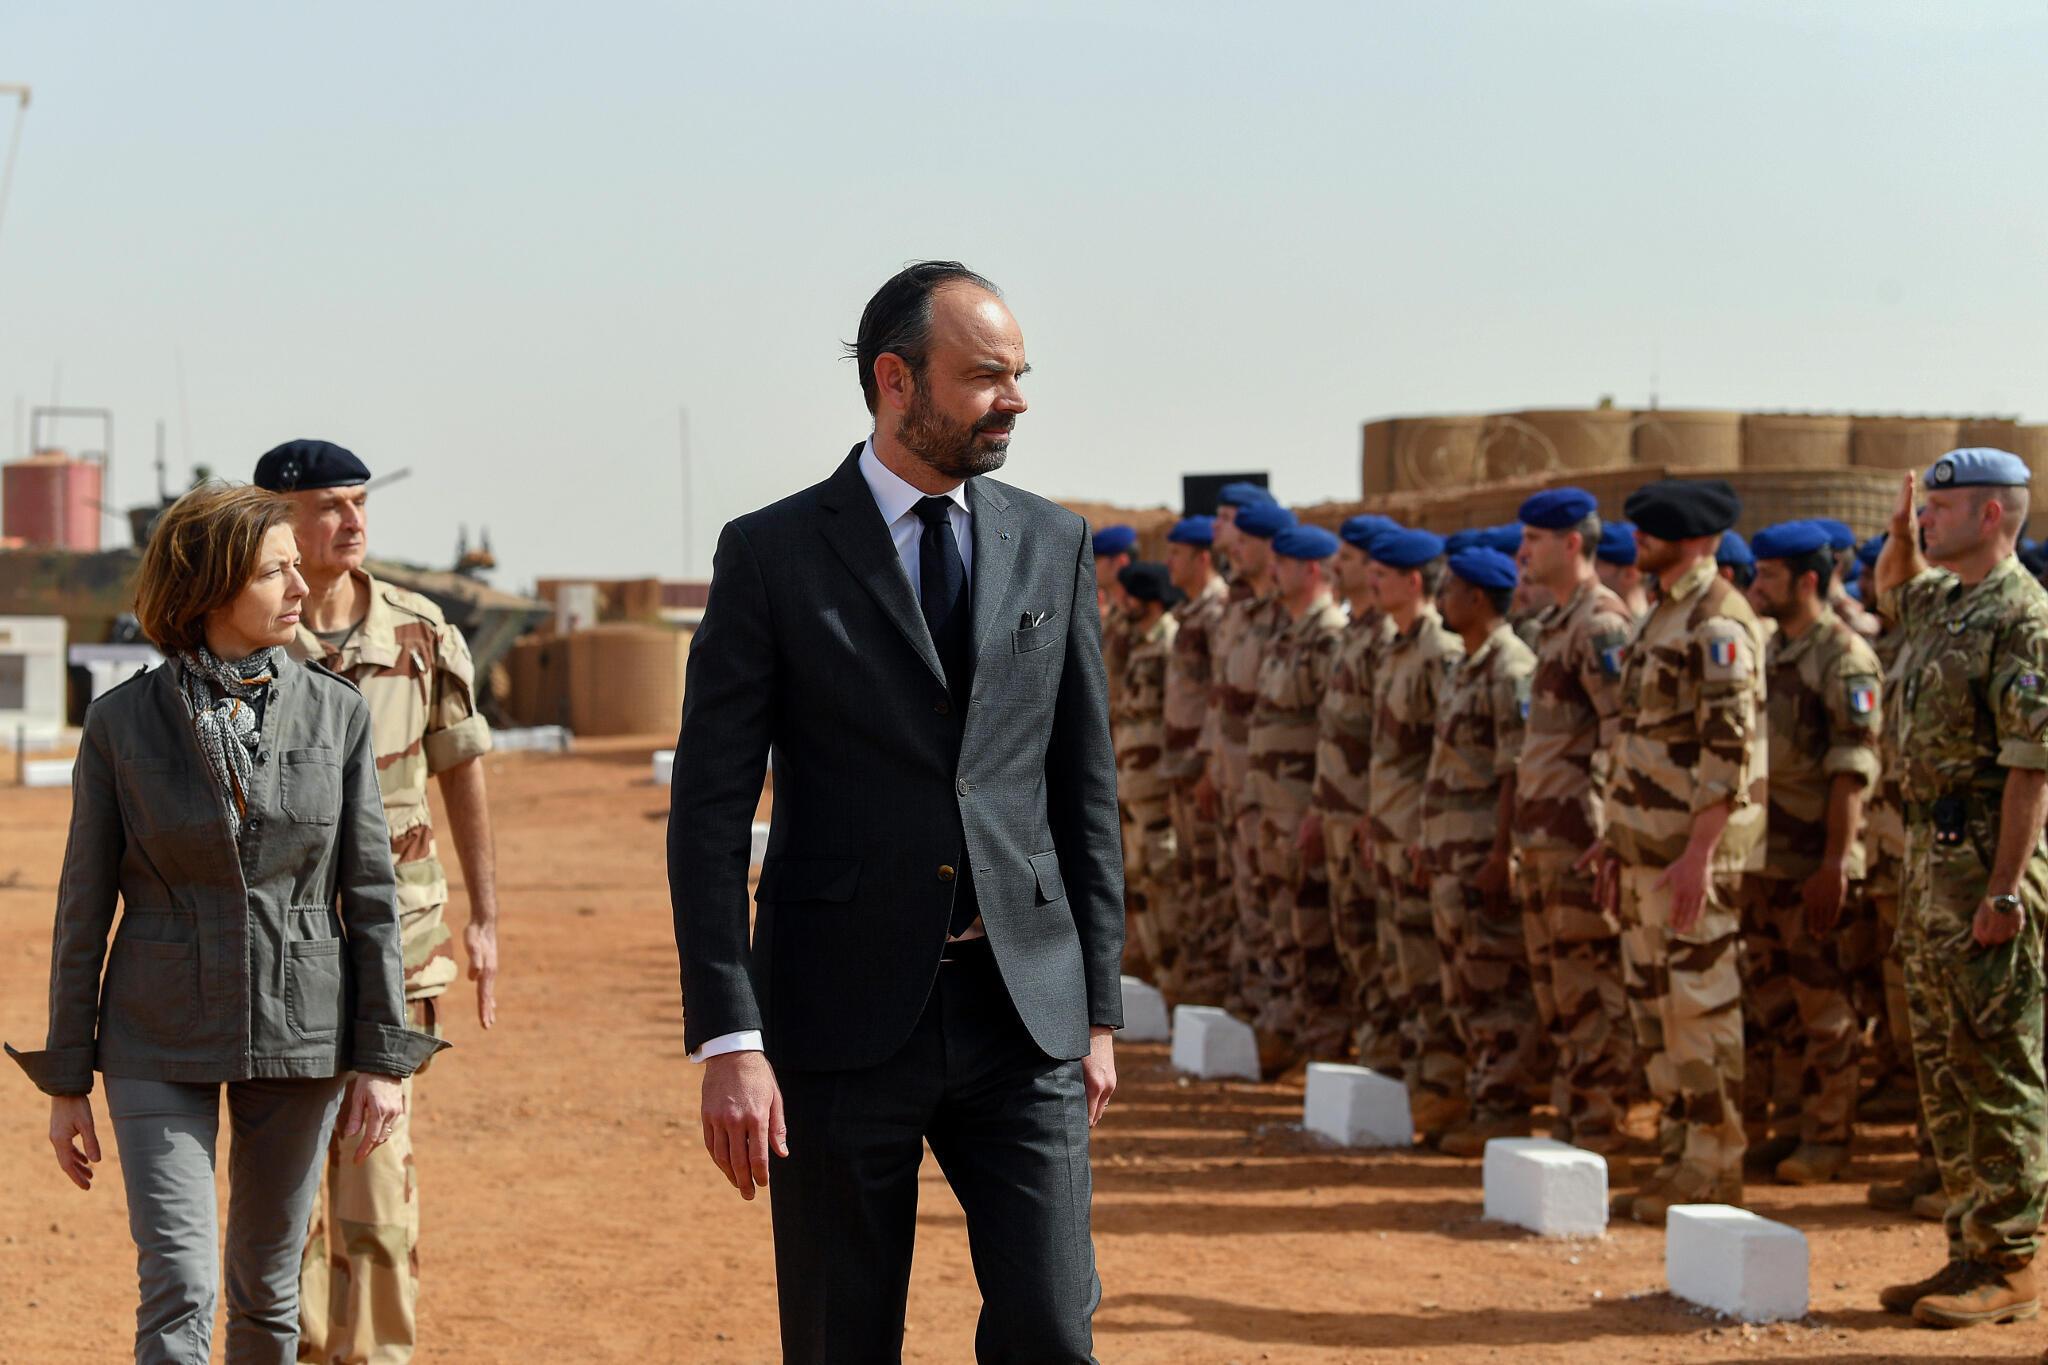 Le Premier ministre Édouard Philippe passe en revue les troupes de l'armée française en position à Gao, accompagné de la ministre de la Défense Florence Parly, le 24 février 2019.